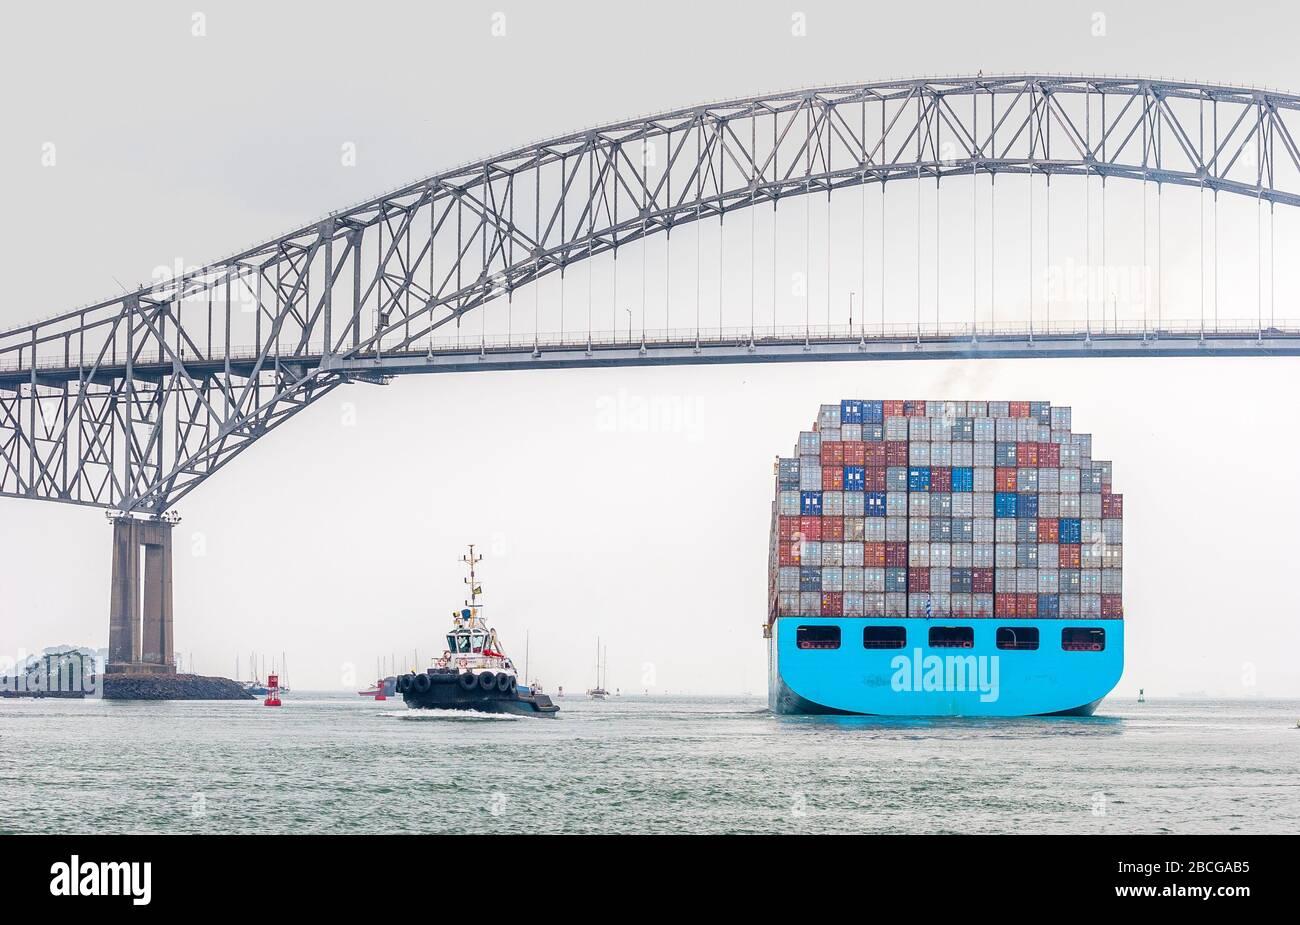 Buque contenedor que sale del Canal de Panamá y pasa por el puente de las Américas, la única vía de conexión entre el norte y el sur de América Foto de stock